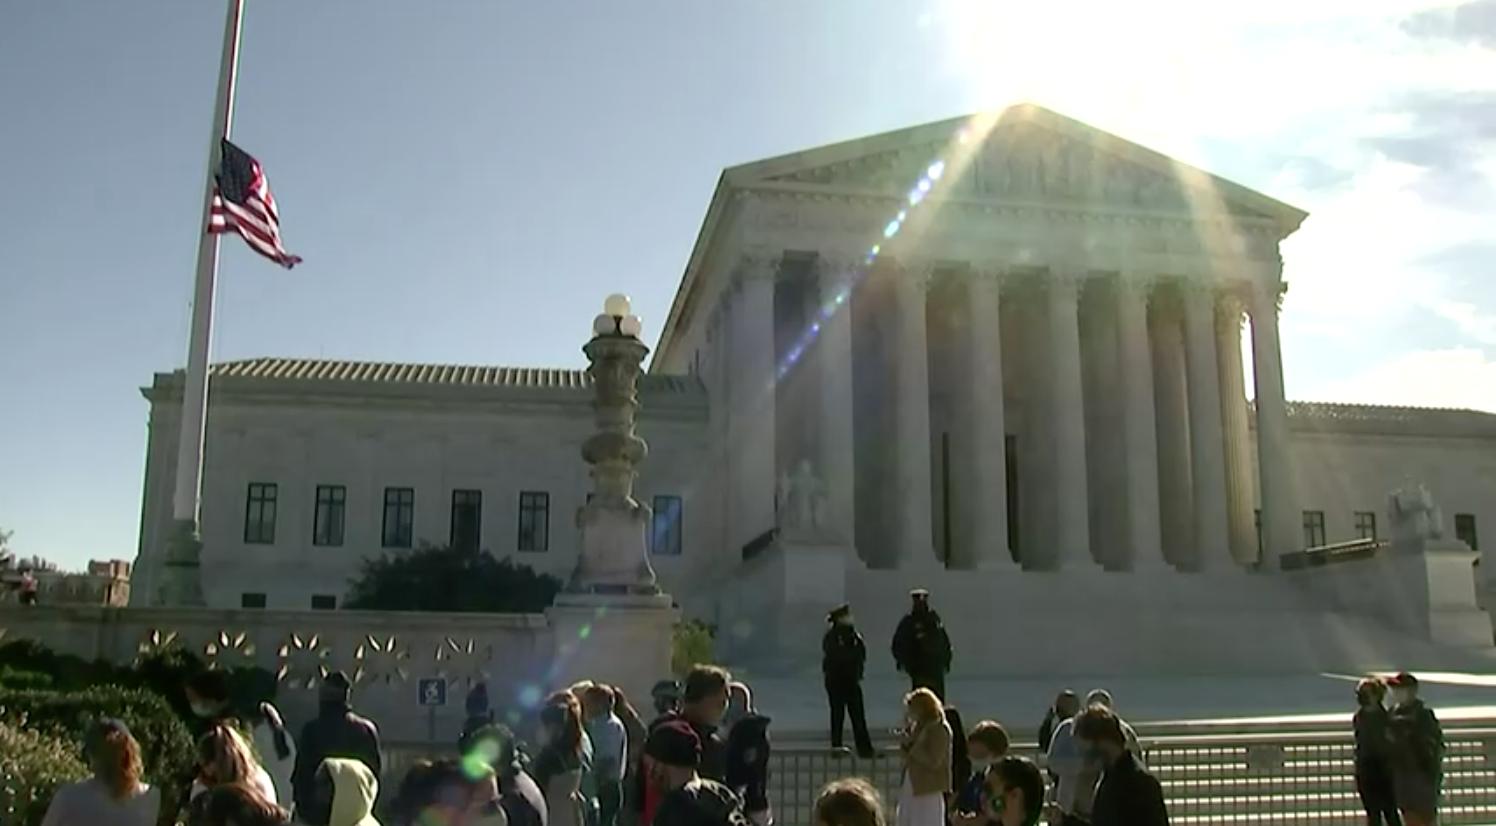 Obamacare có thểbị hủy bỏnếu 8 thẩm phán Tối Cao Pháp Viện thúc đẩy các vụ kiện trong mùa Thu